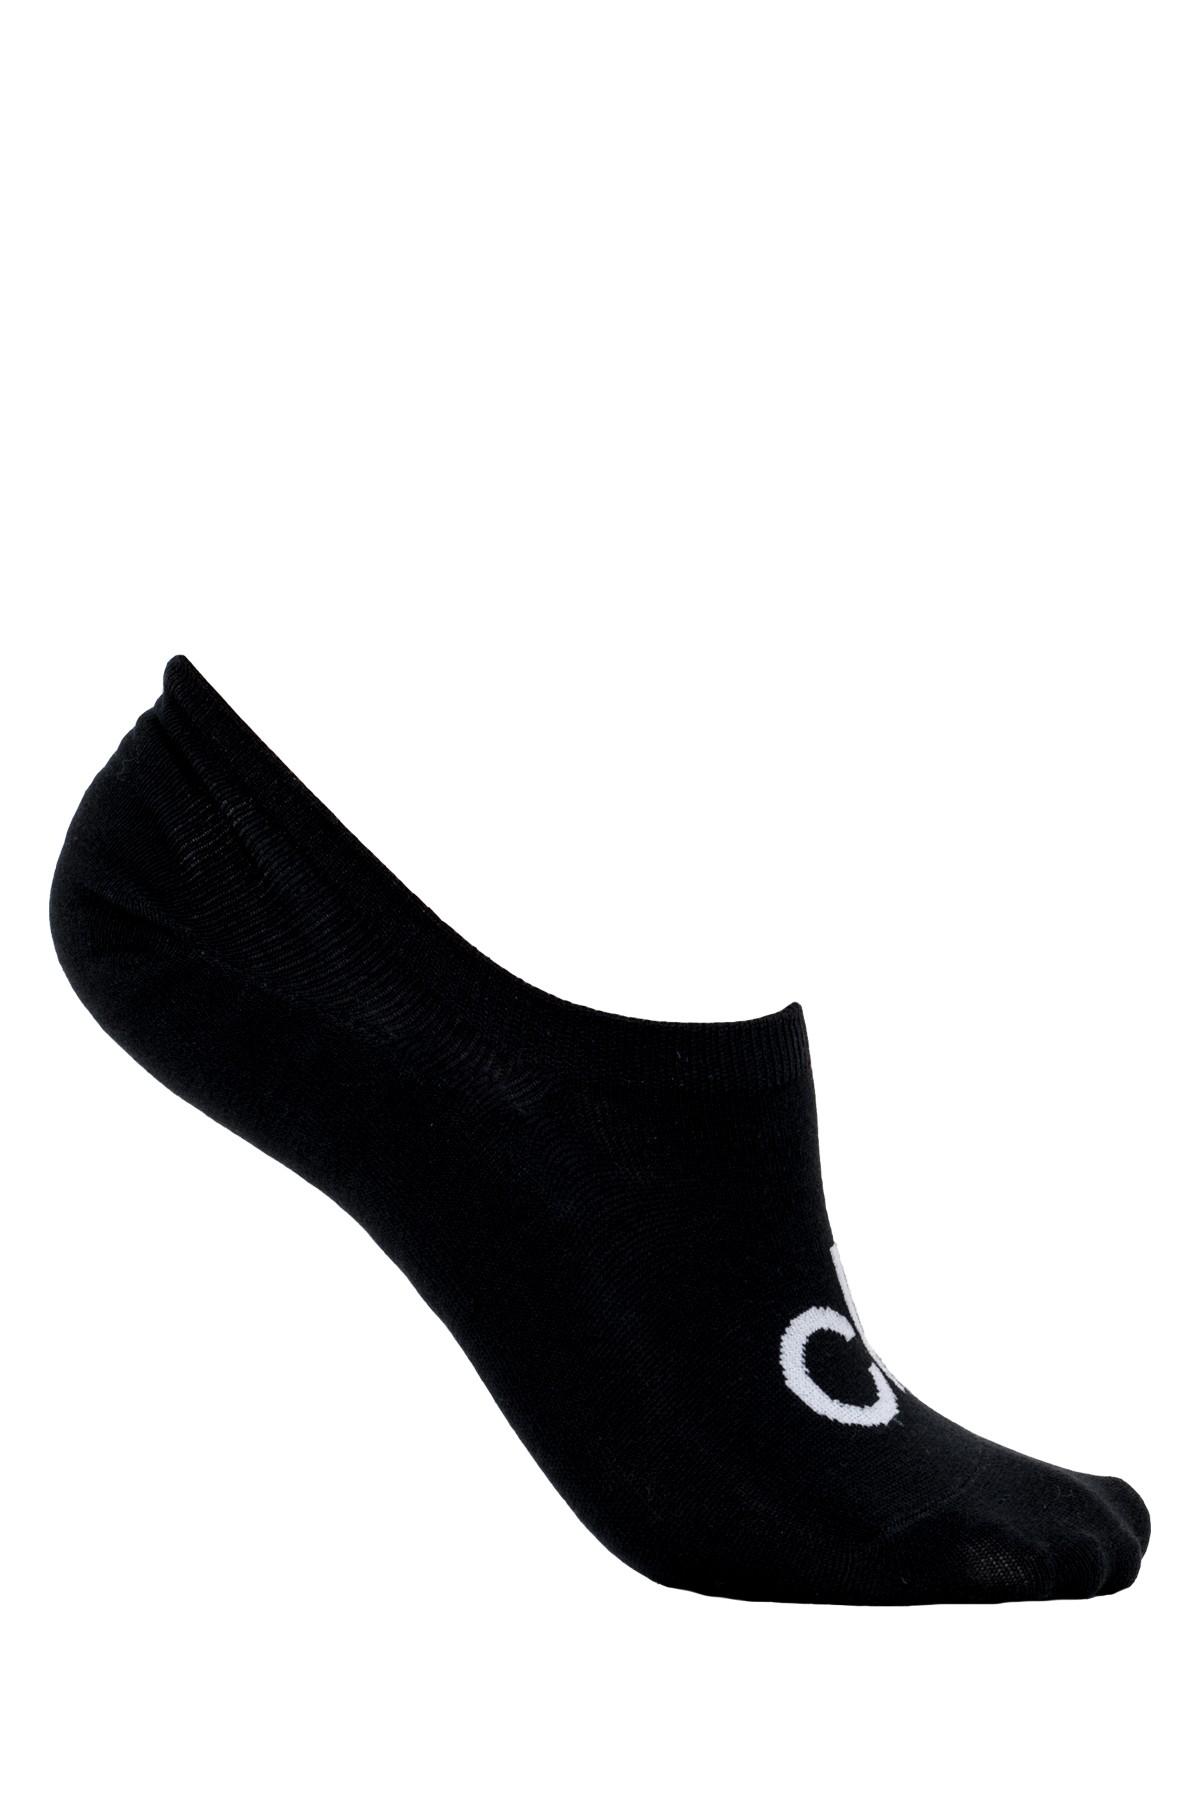 Socks 100001788-full-1